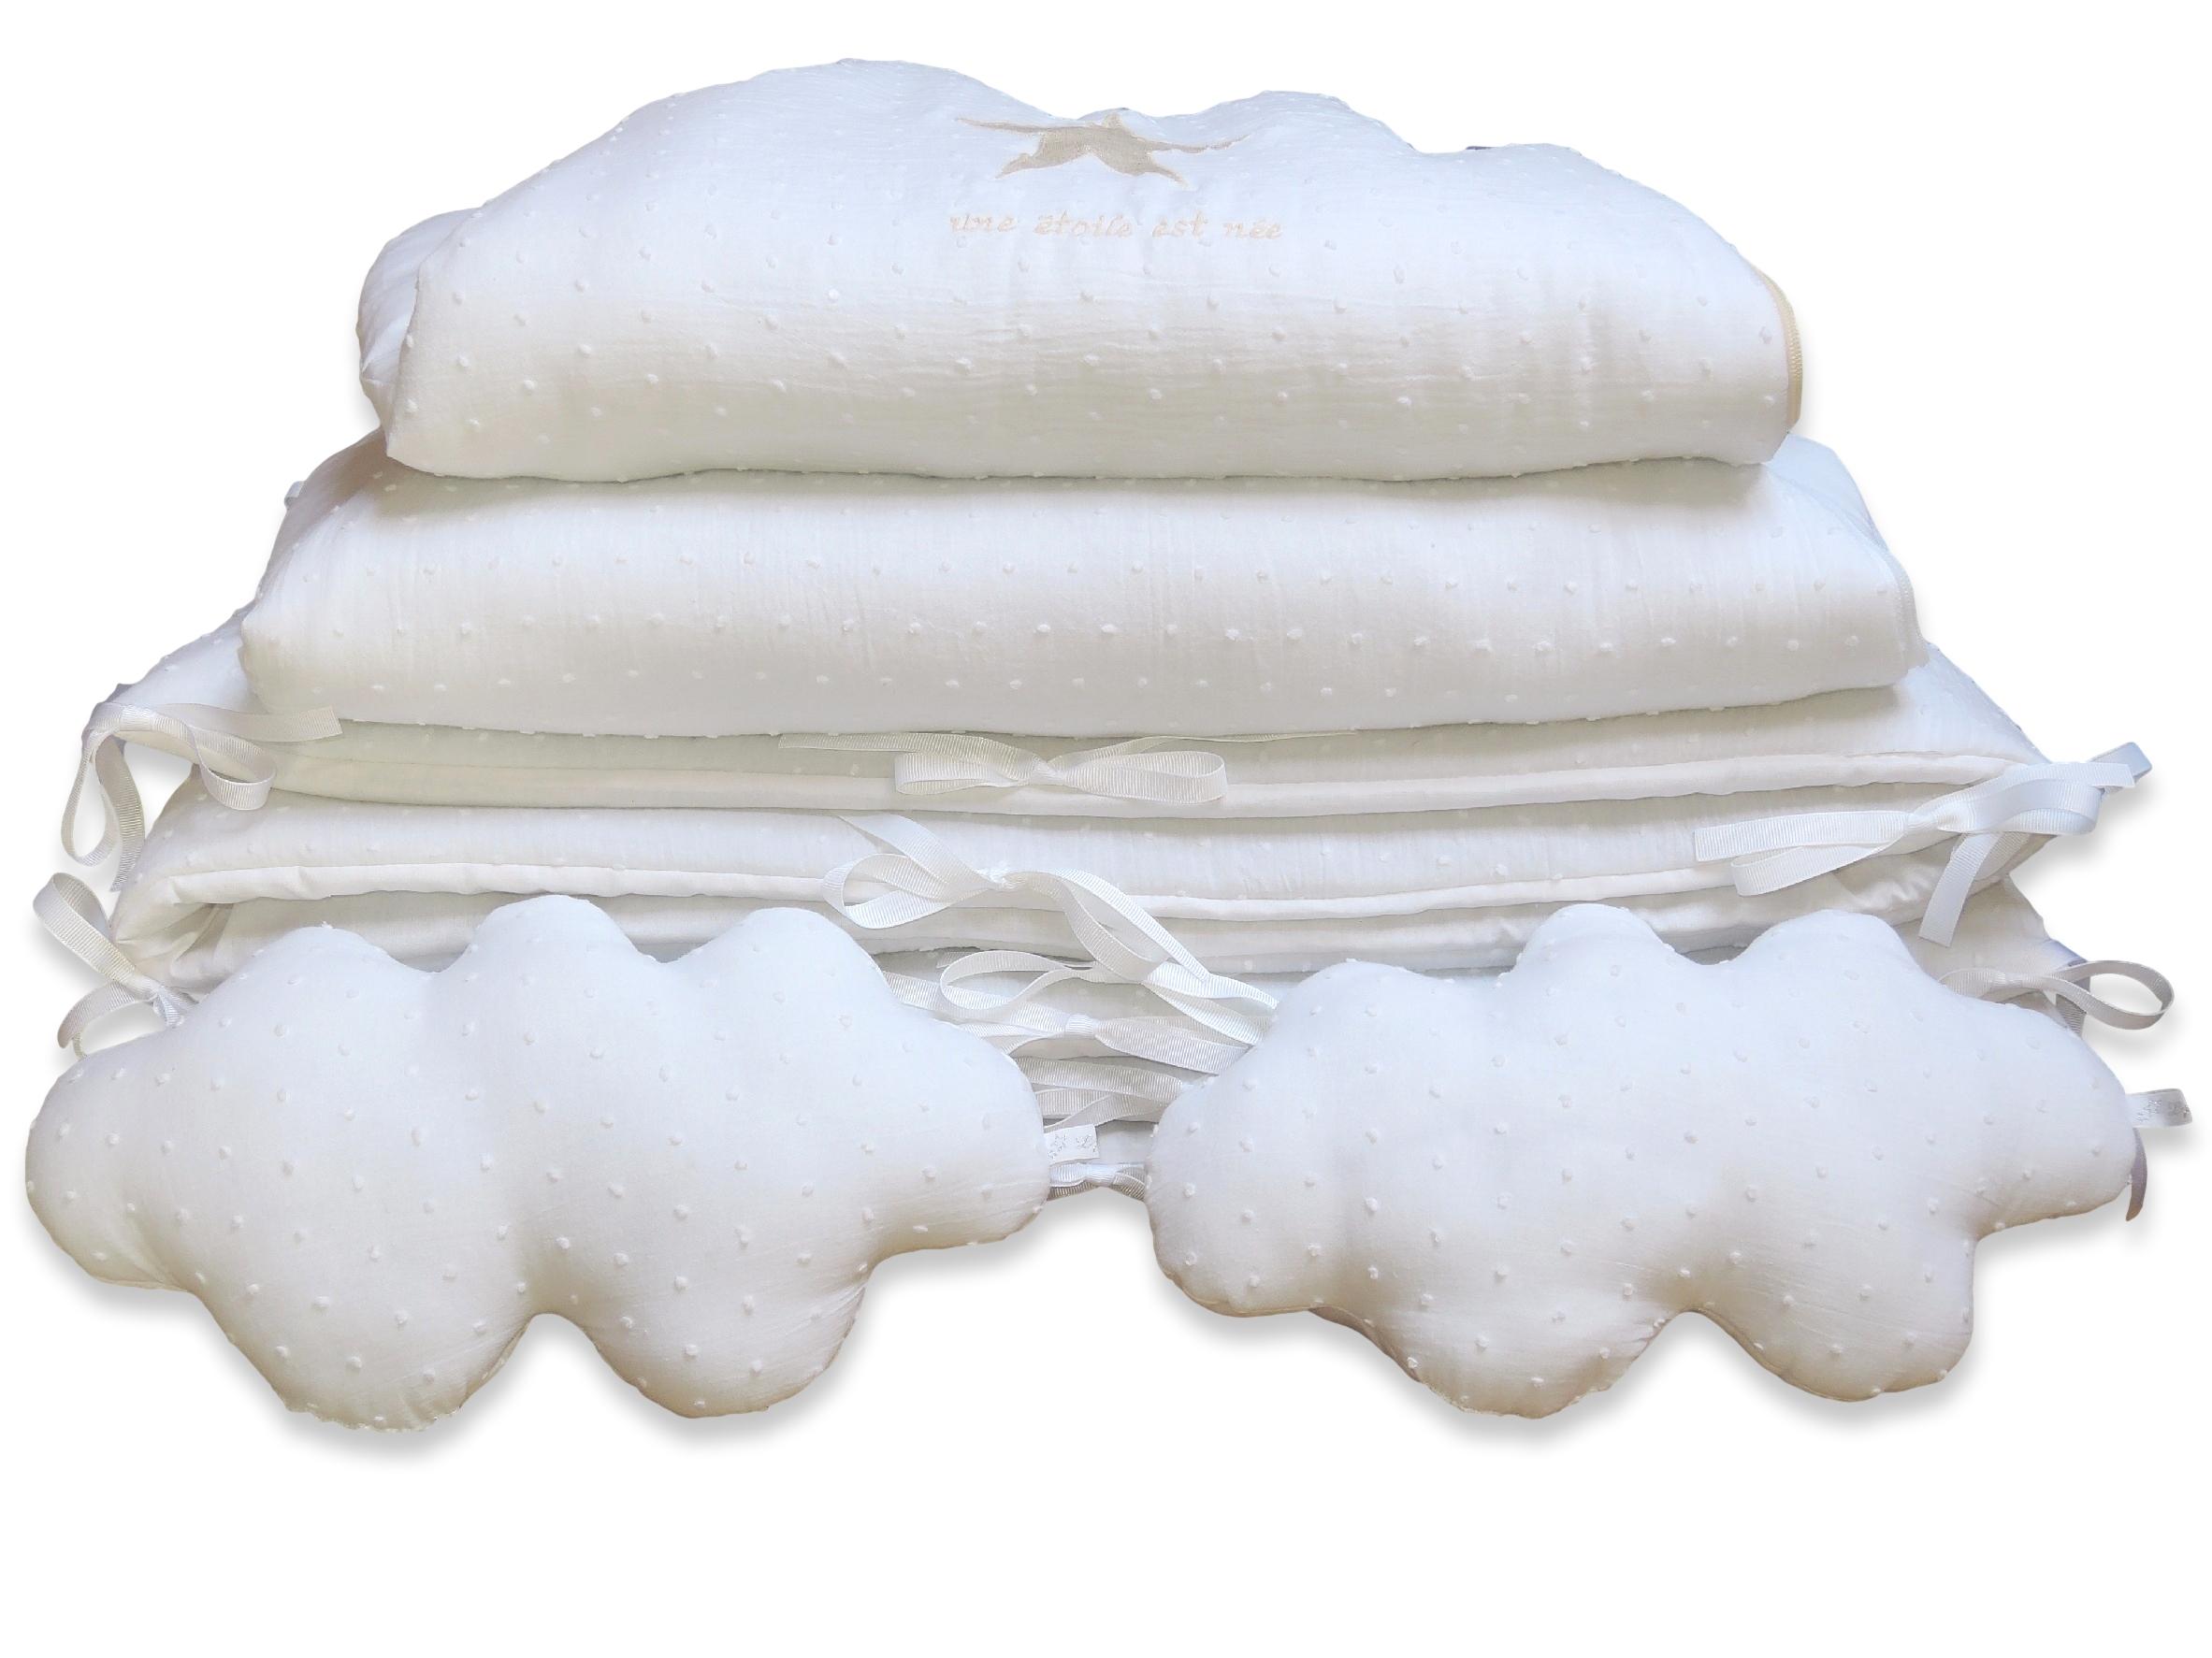 tour de lit bébé blanc uni mai | 2015 | Les p'tites Merveilles de Bérénice tour de lit bébé blanc uni